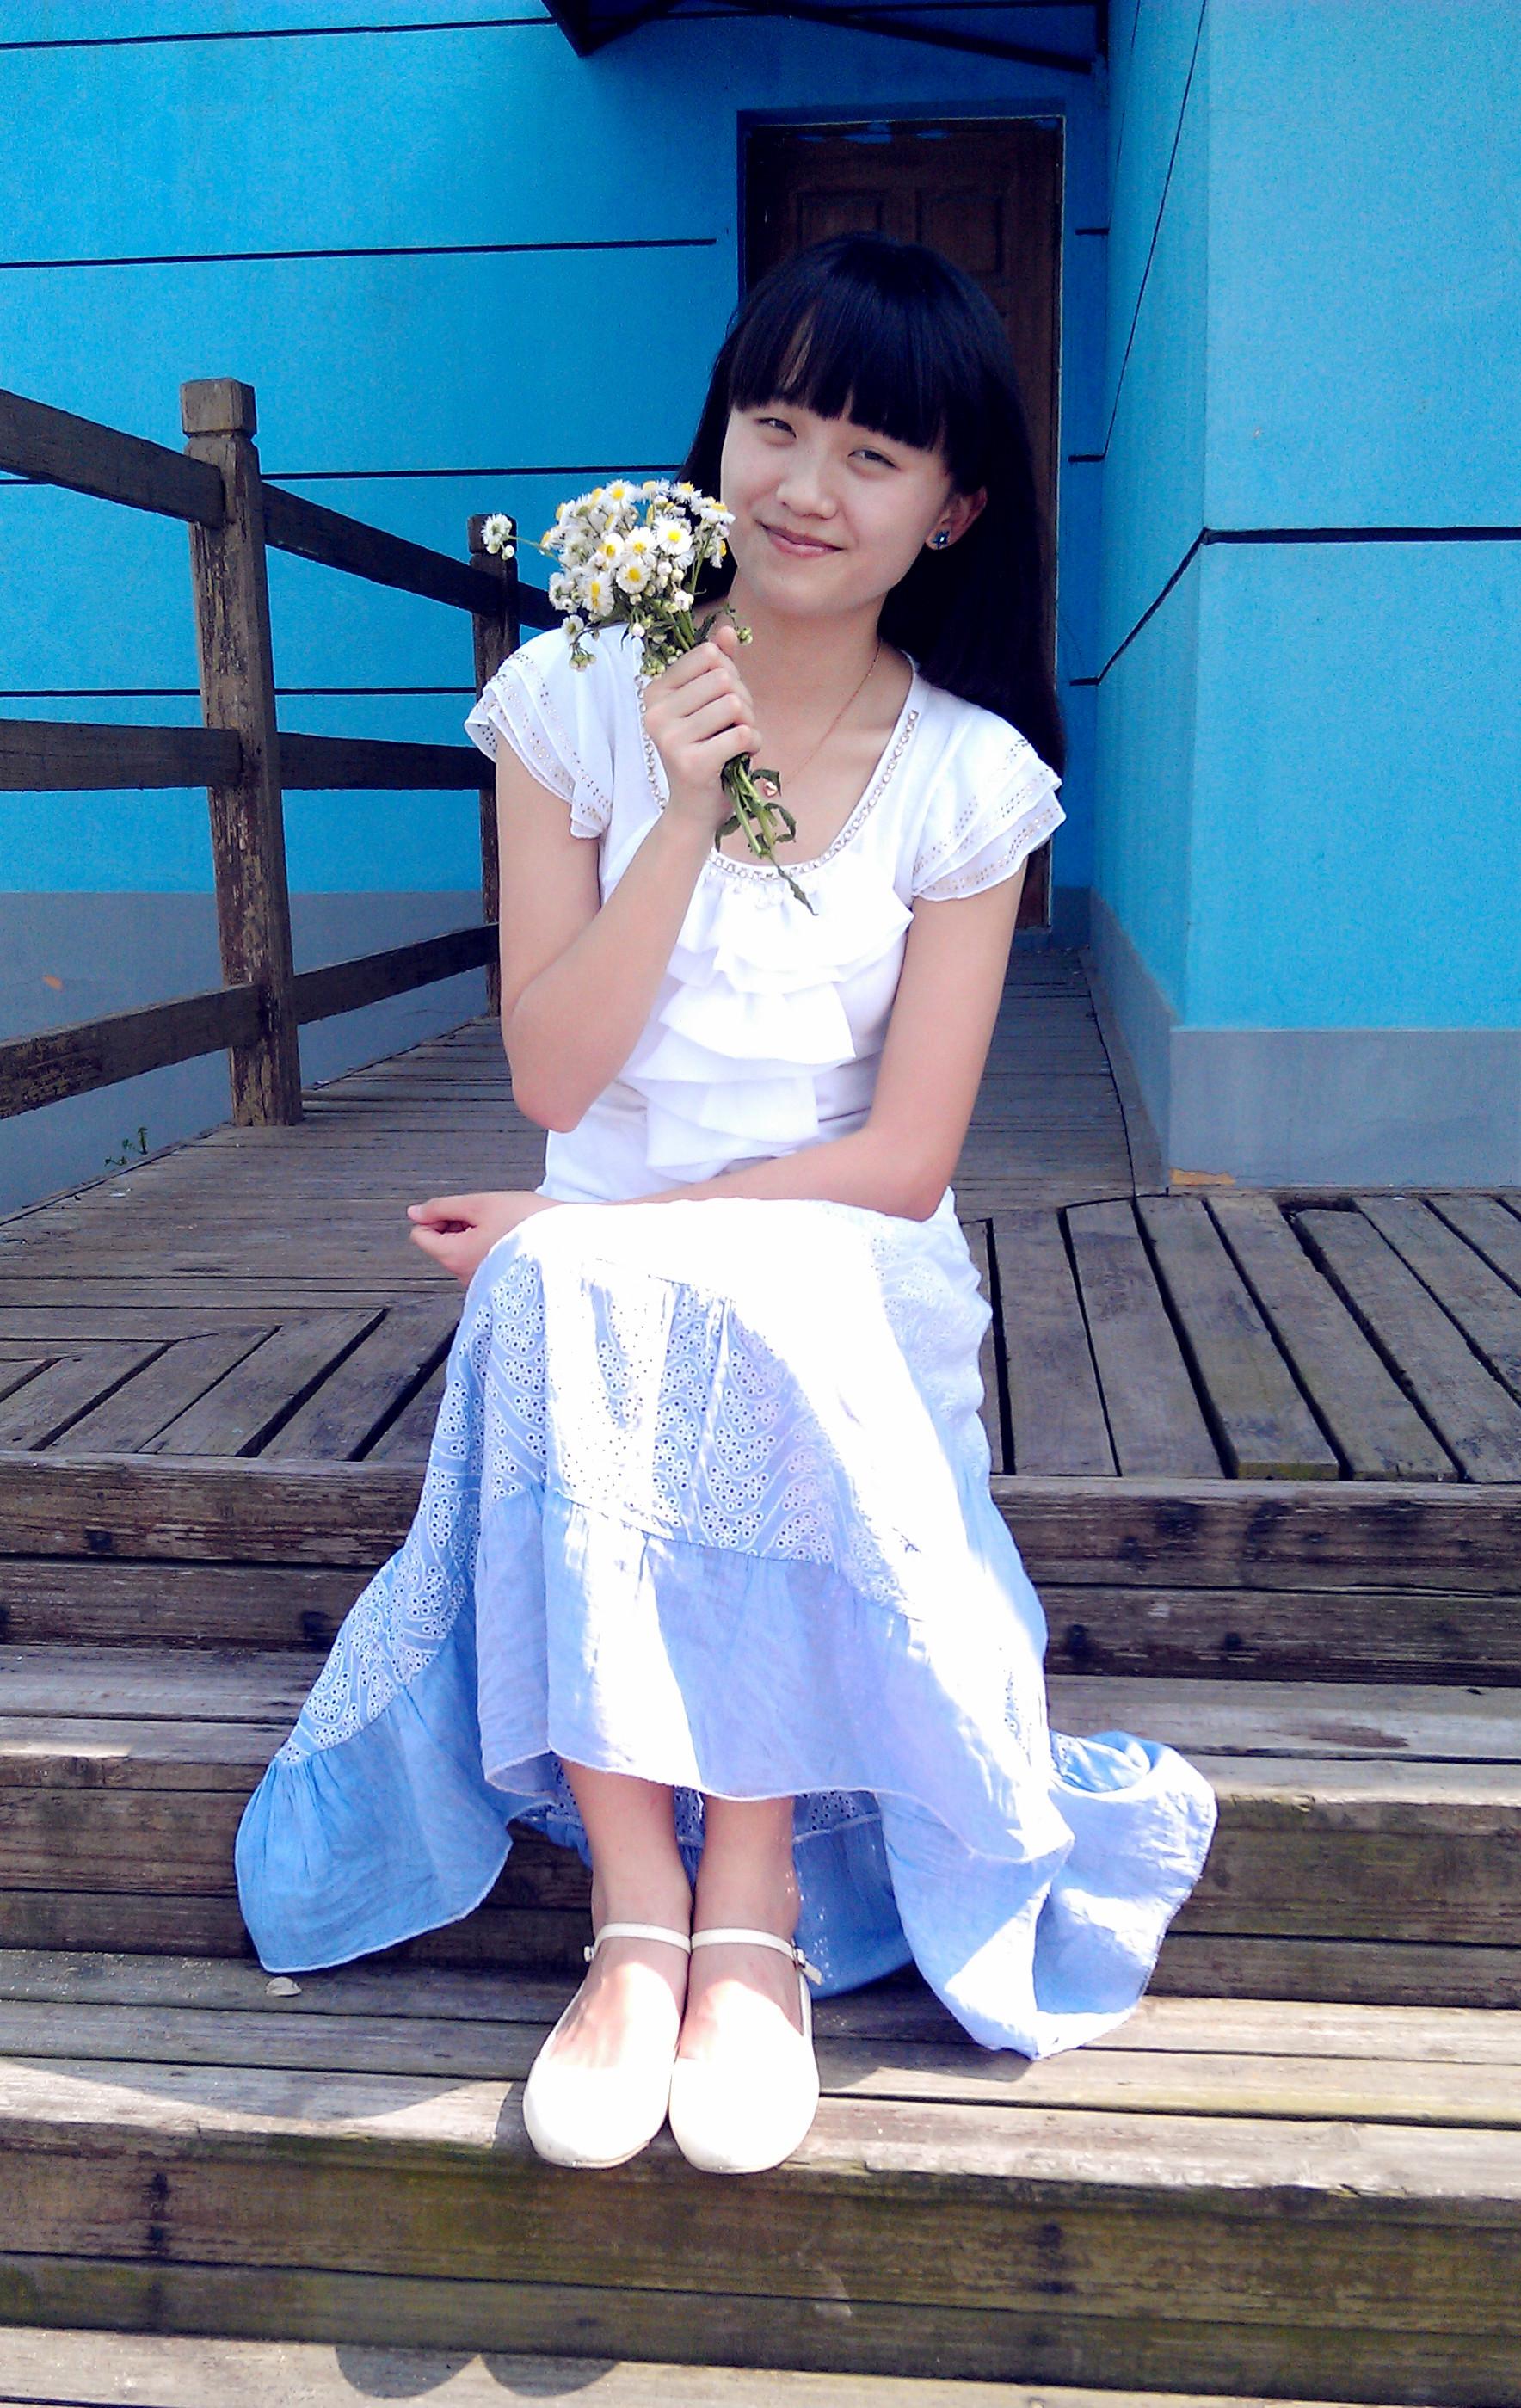 白色雪纺t 蓝紫色渐变长裙.[害羞]去海边踏浪.